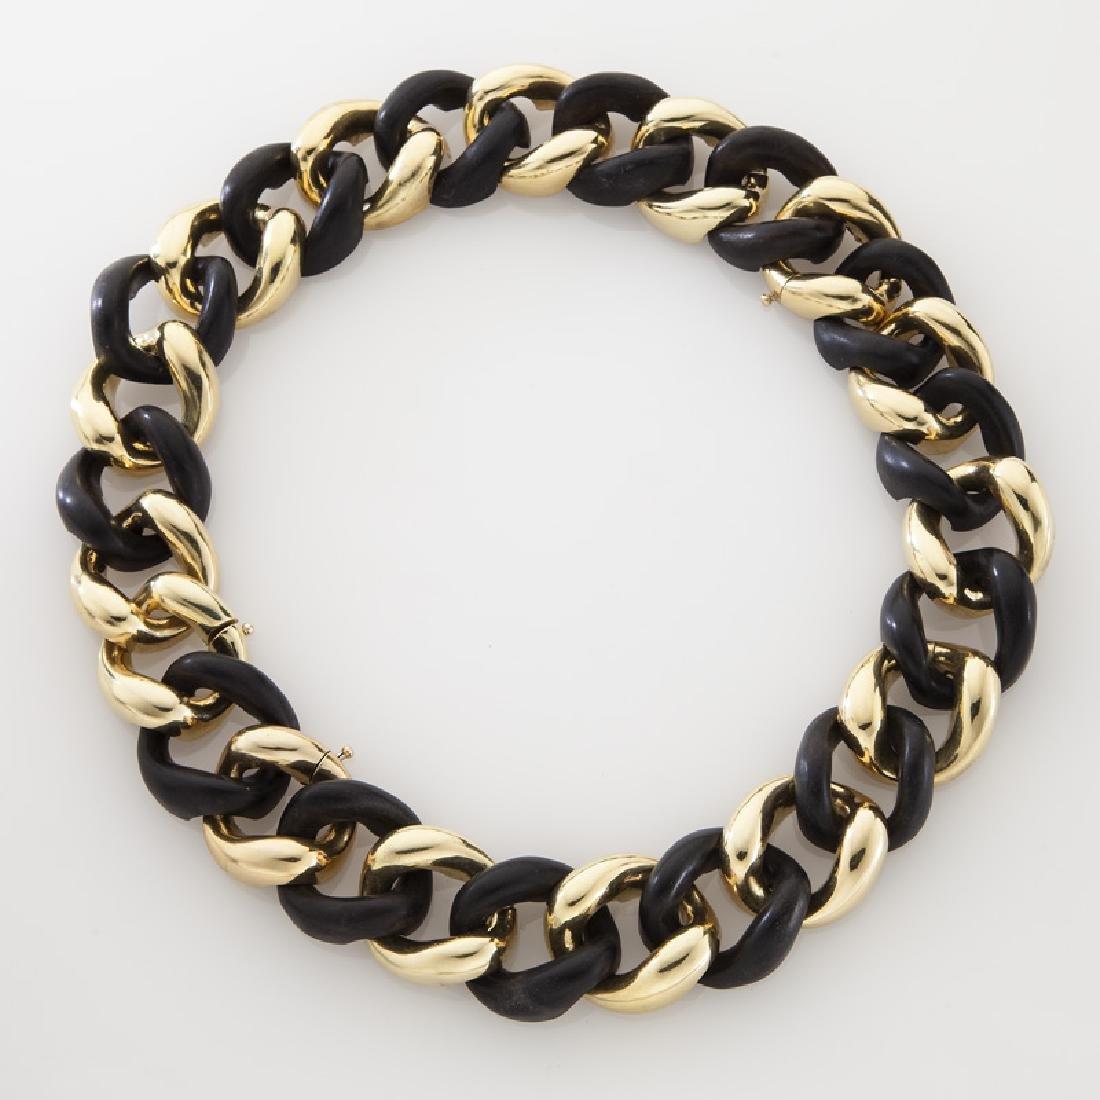 18K gold and ebony necklace/bracelet conversion